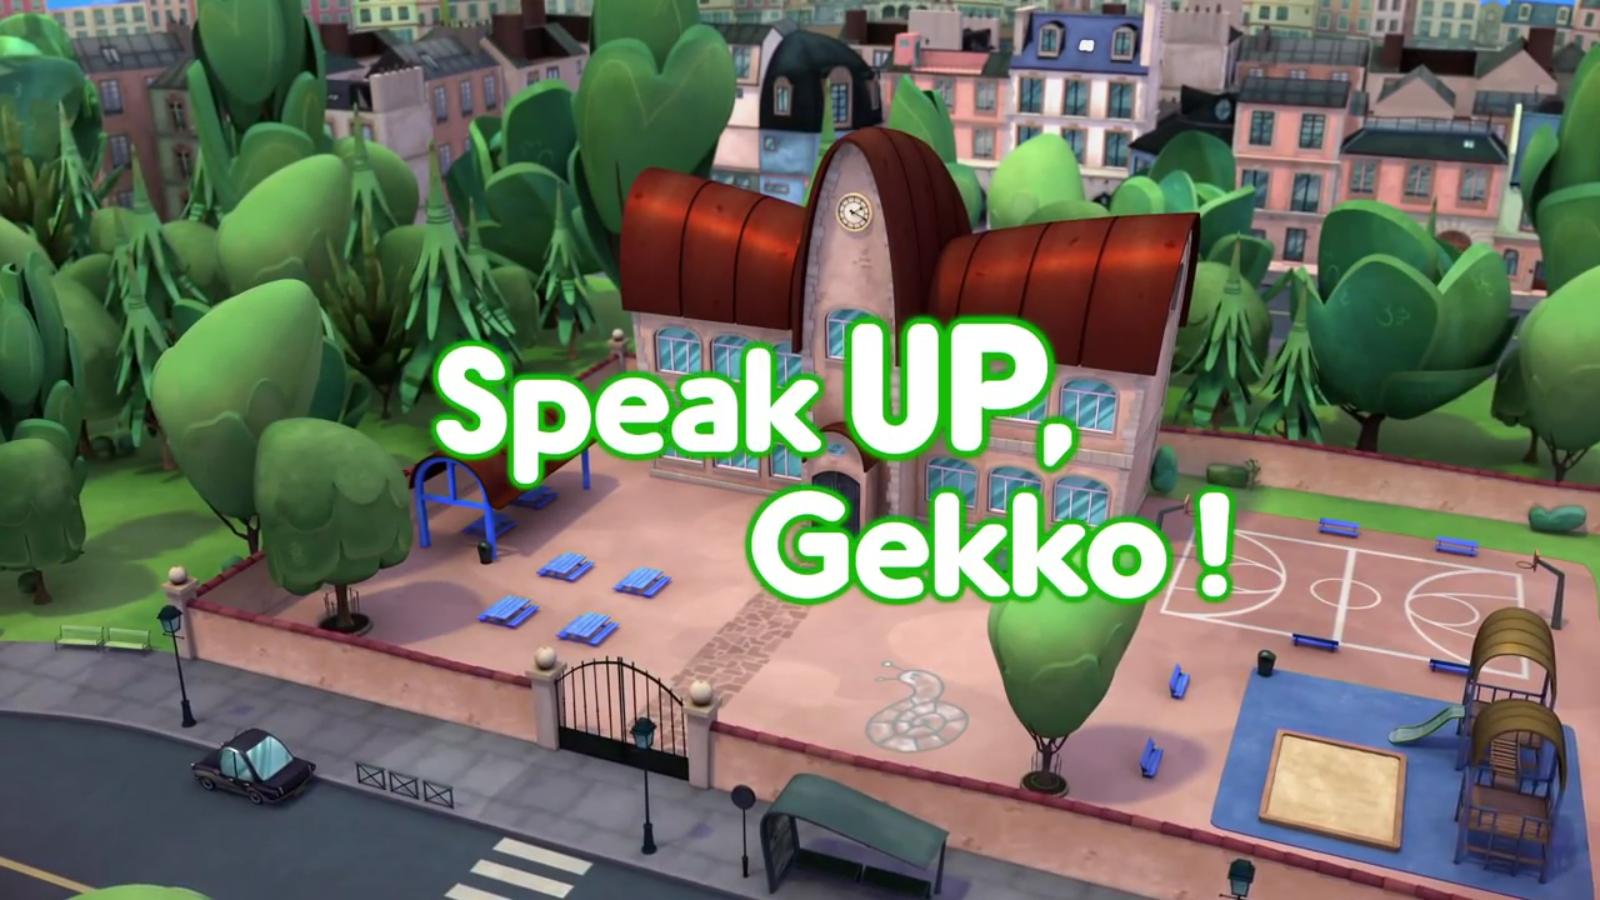 Speak Up, Gekko!